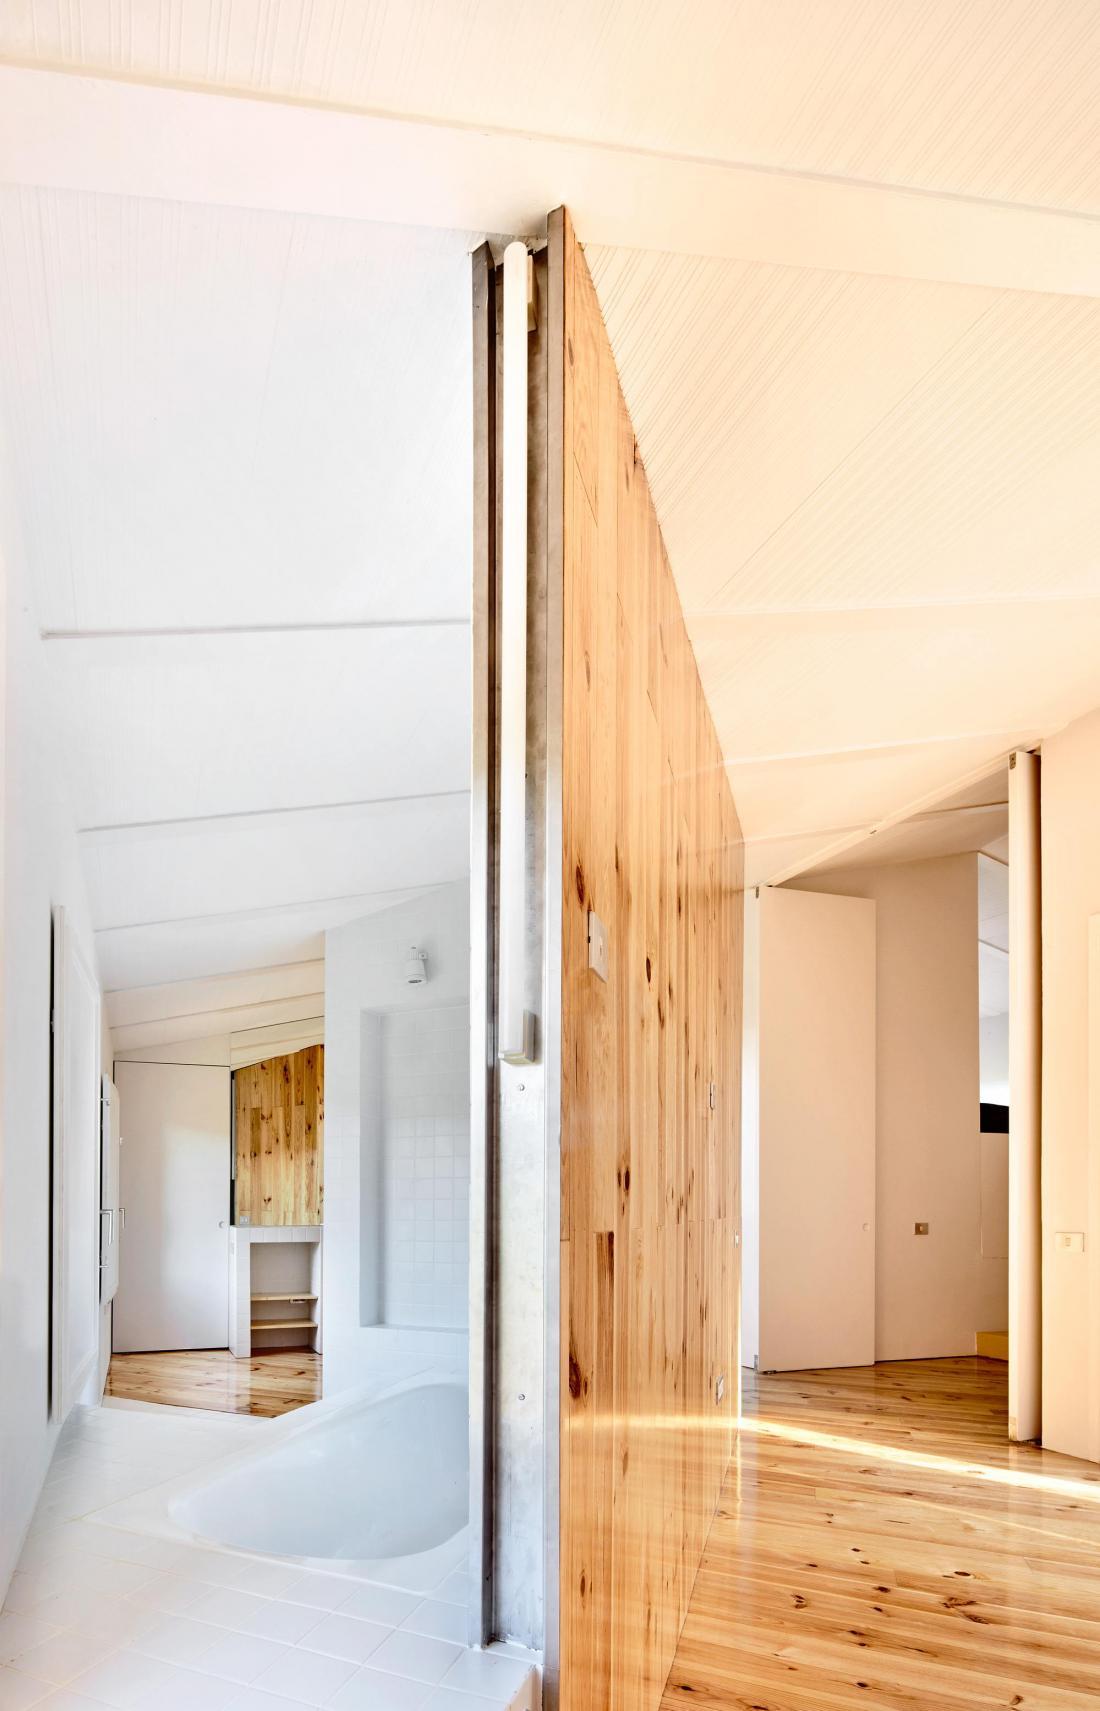 Реконструкция фермерского дома в Испании от студии Arquitectura–G 8